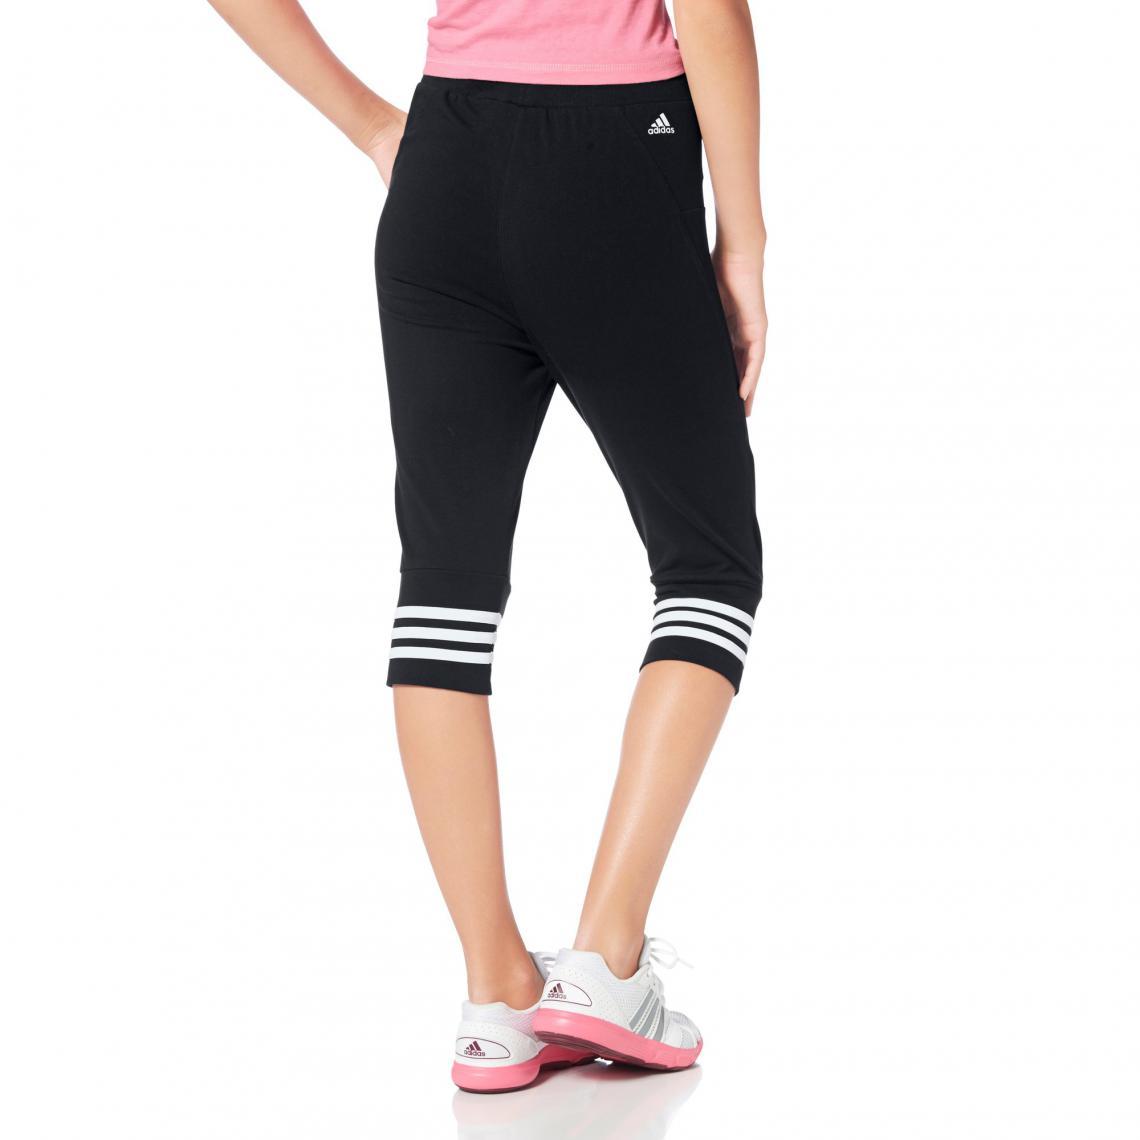 Shorts sport fille Adidas Performance Cliquez l image pour l agrandir.  Pantacourt de sport taille élastiquée ... ef724029264